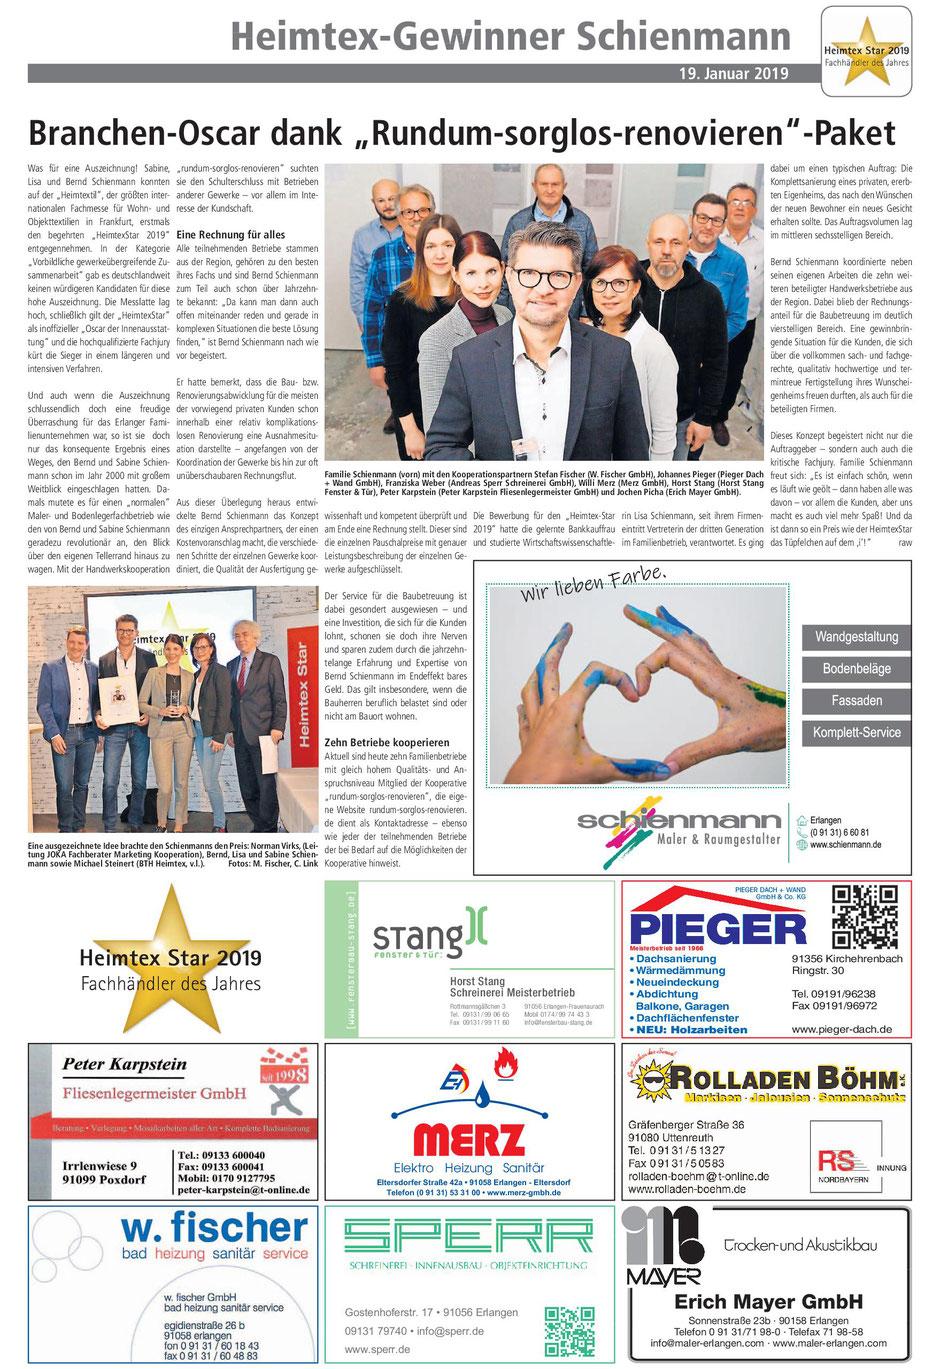 Artikel in den Erlanger Nachrichten: Heimtex-Gewinner Schienmann